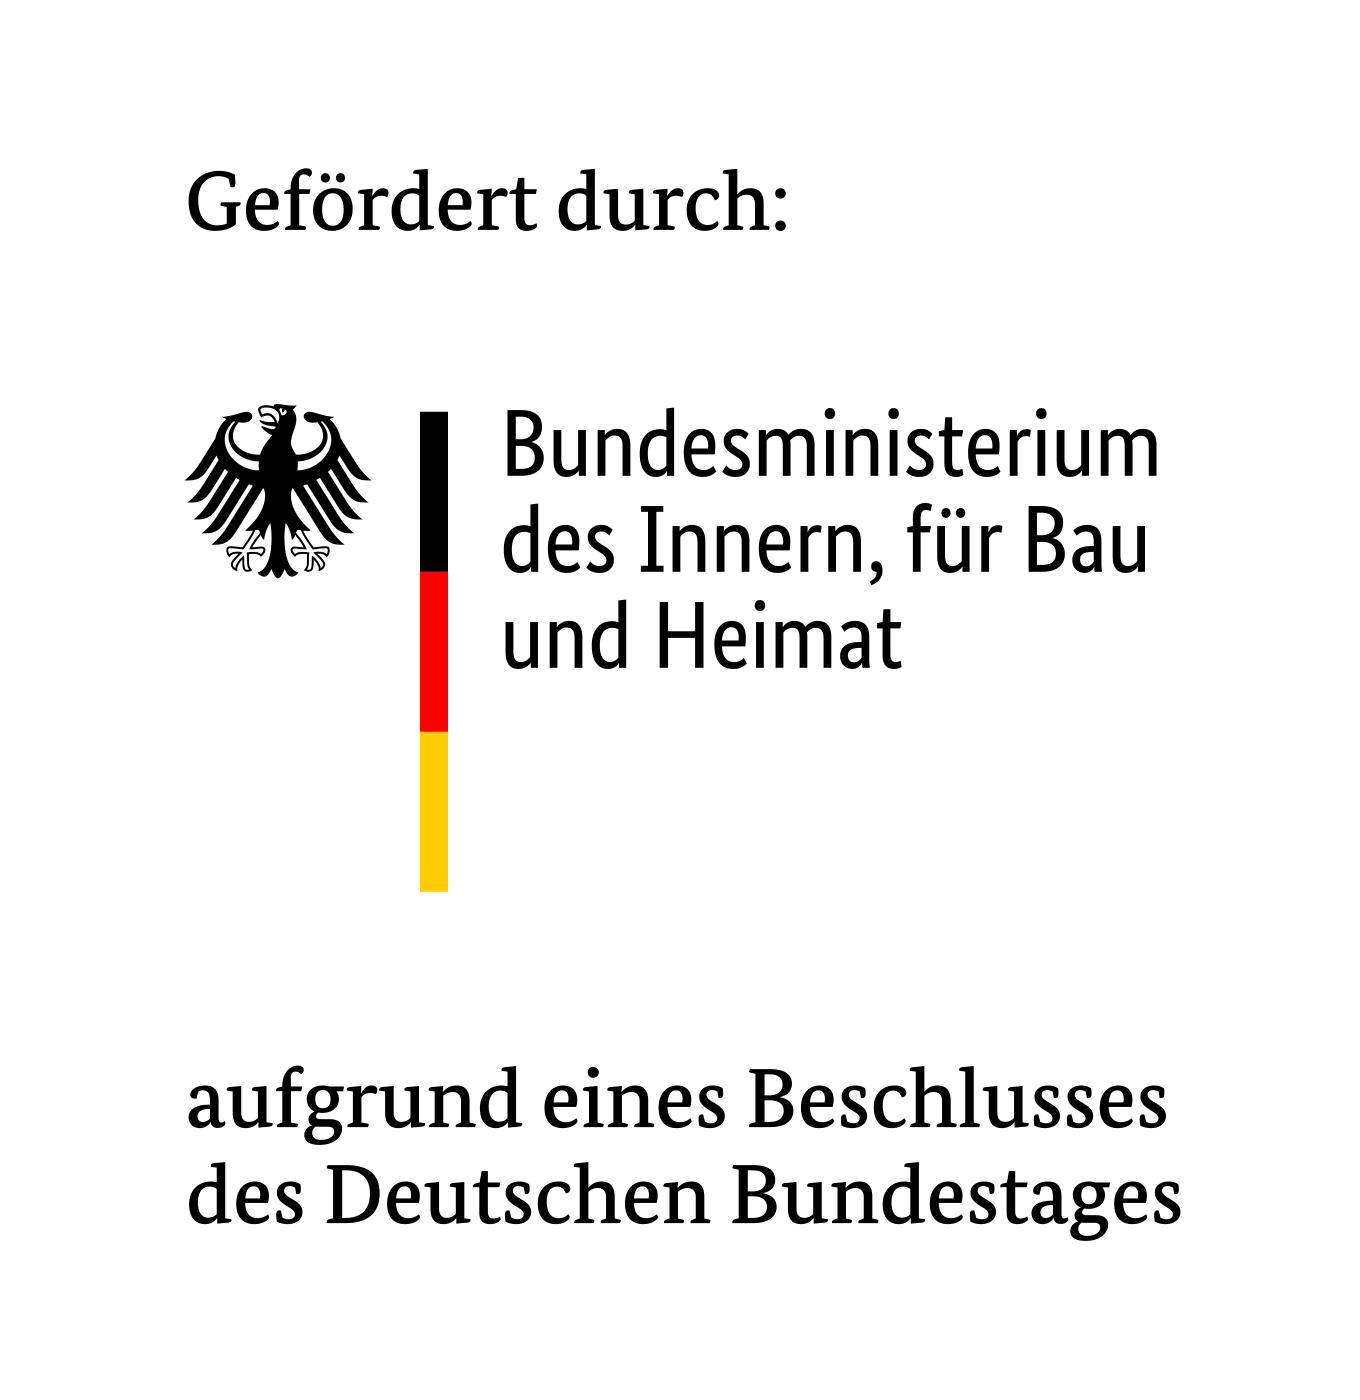 Gefördert durch: Bundesministerium des Innern, für Bau und Heimat aufgrund eines Beschlusses des Deutschen Bundestages